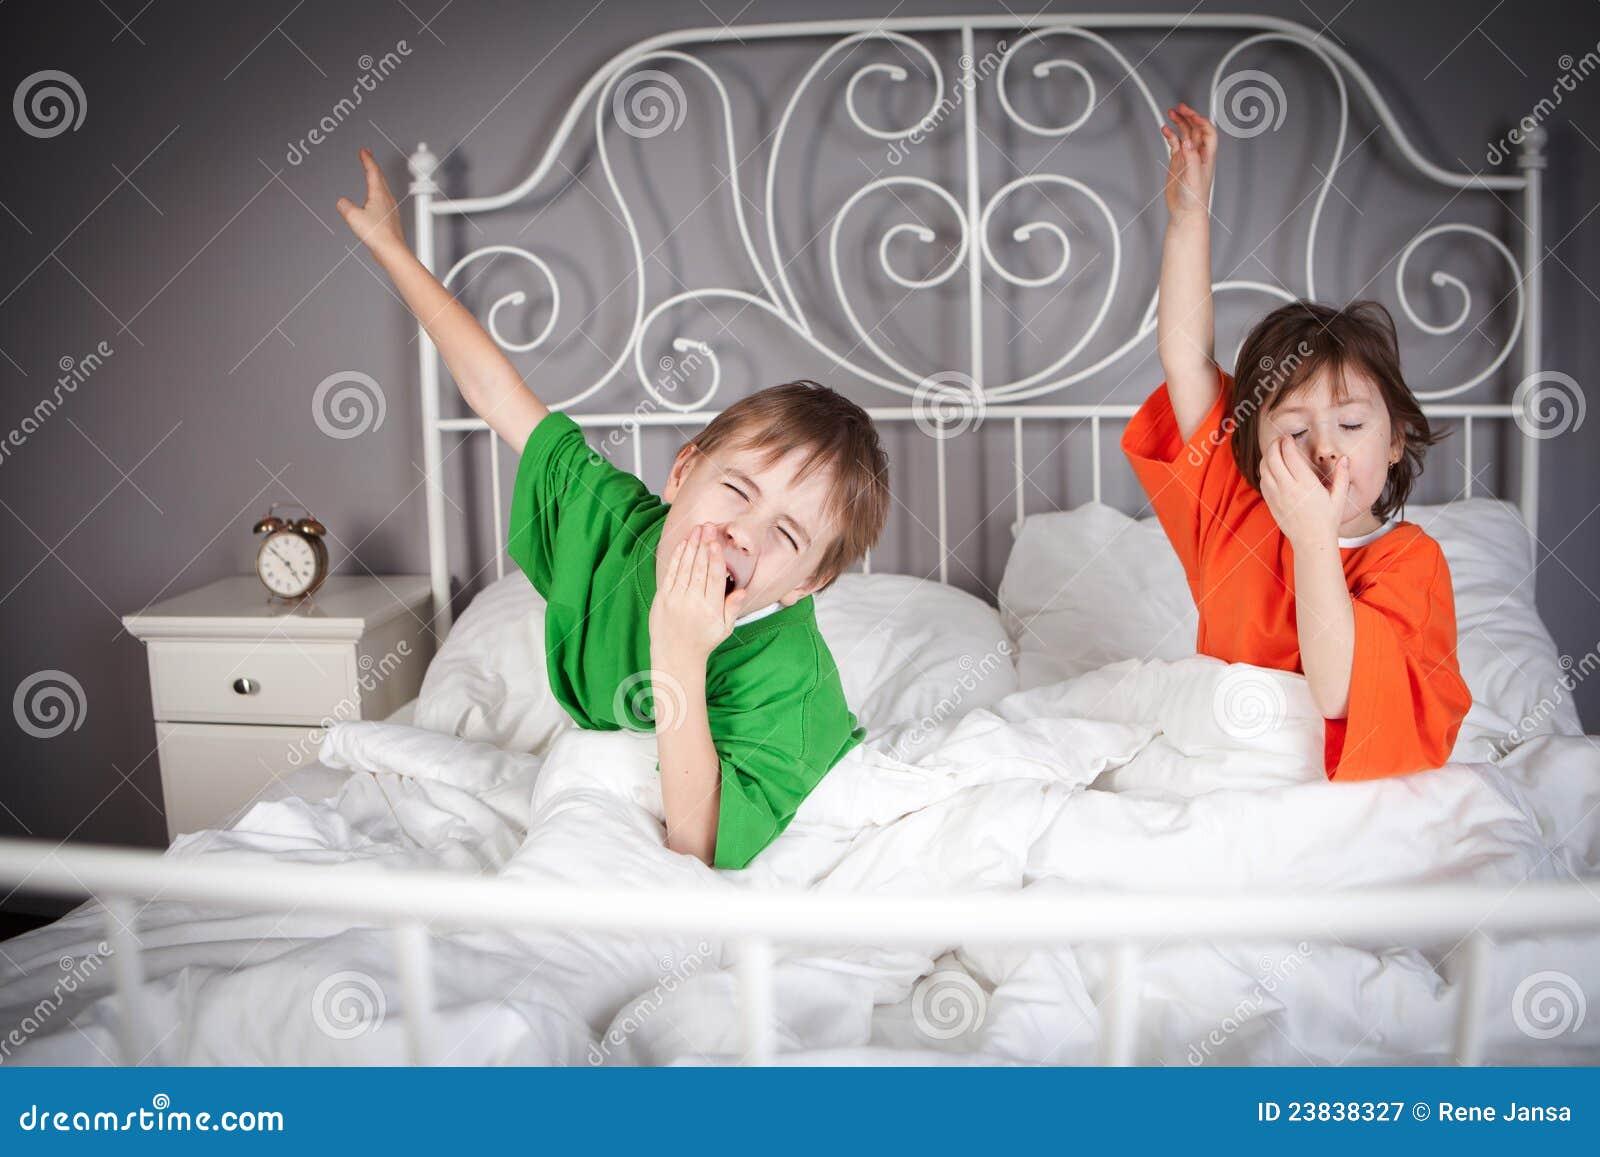 Brunder Und Schwester Im Bett